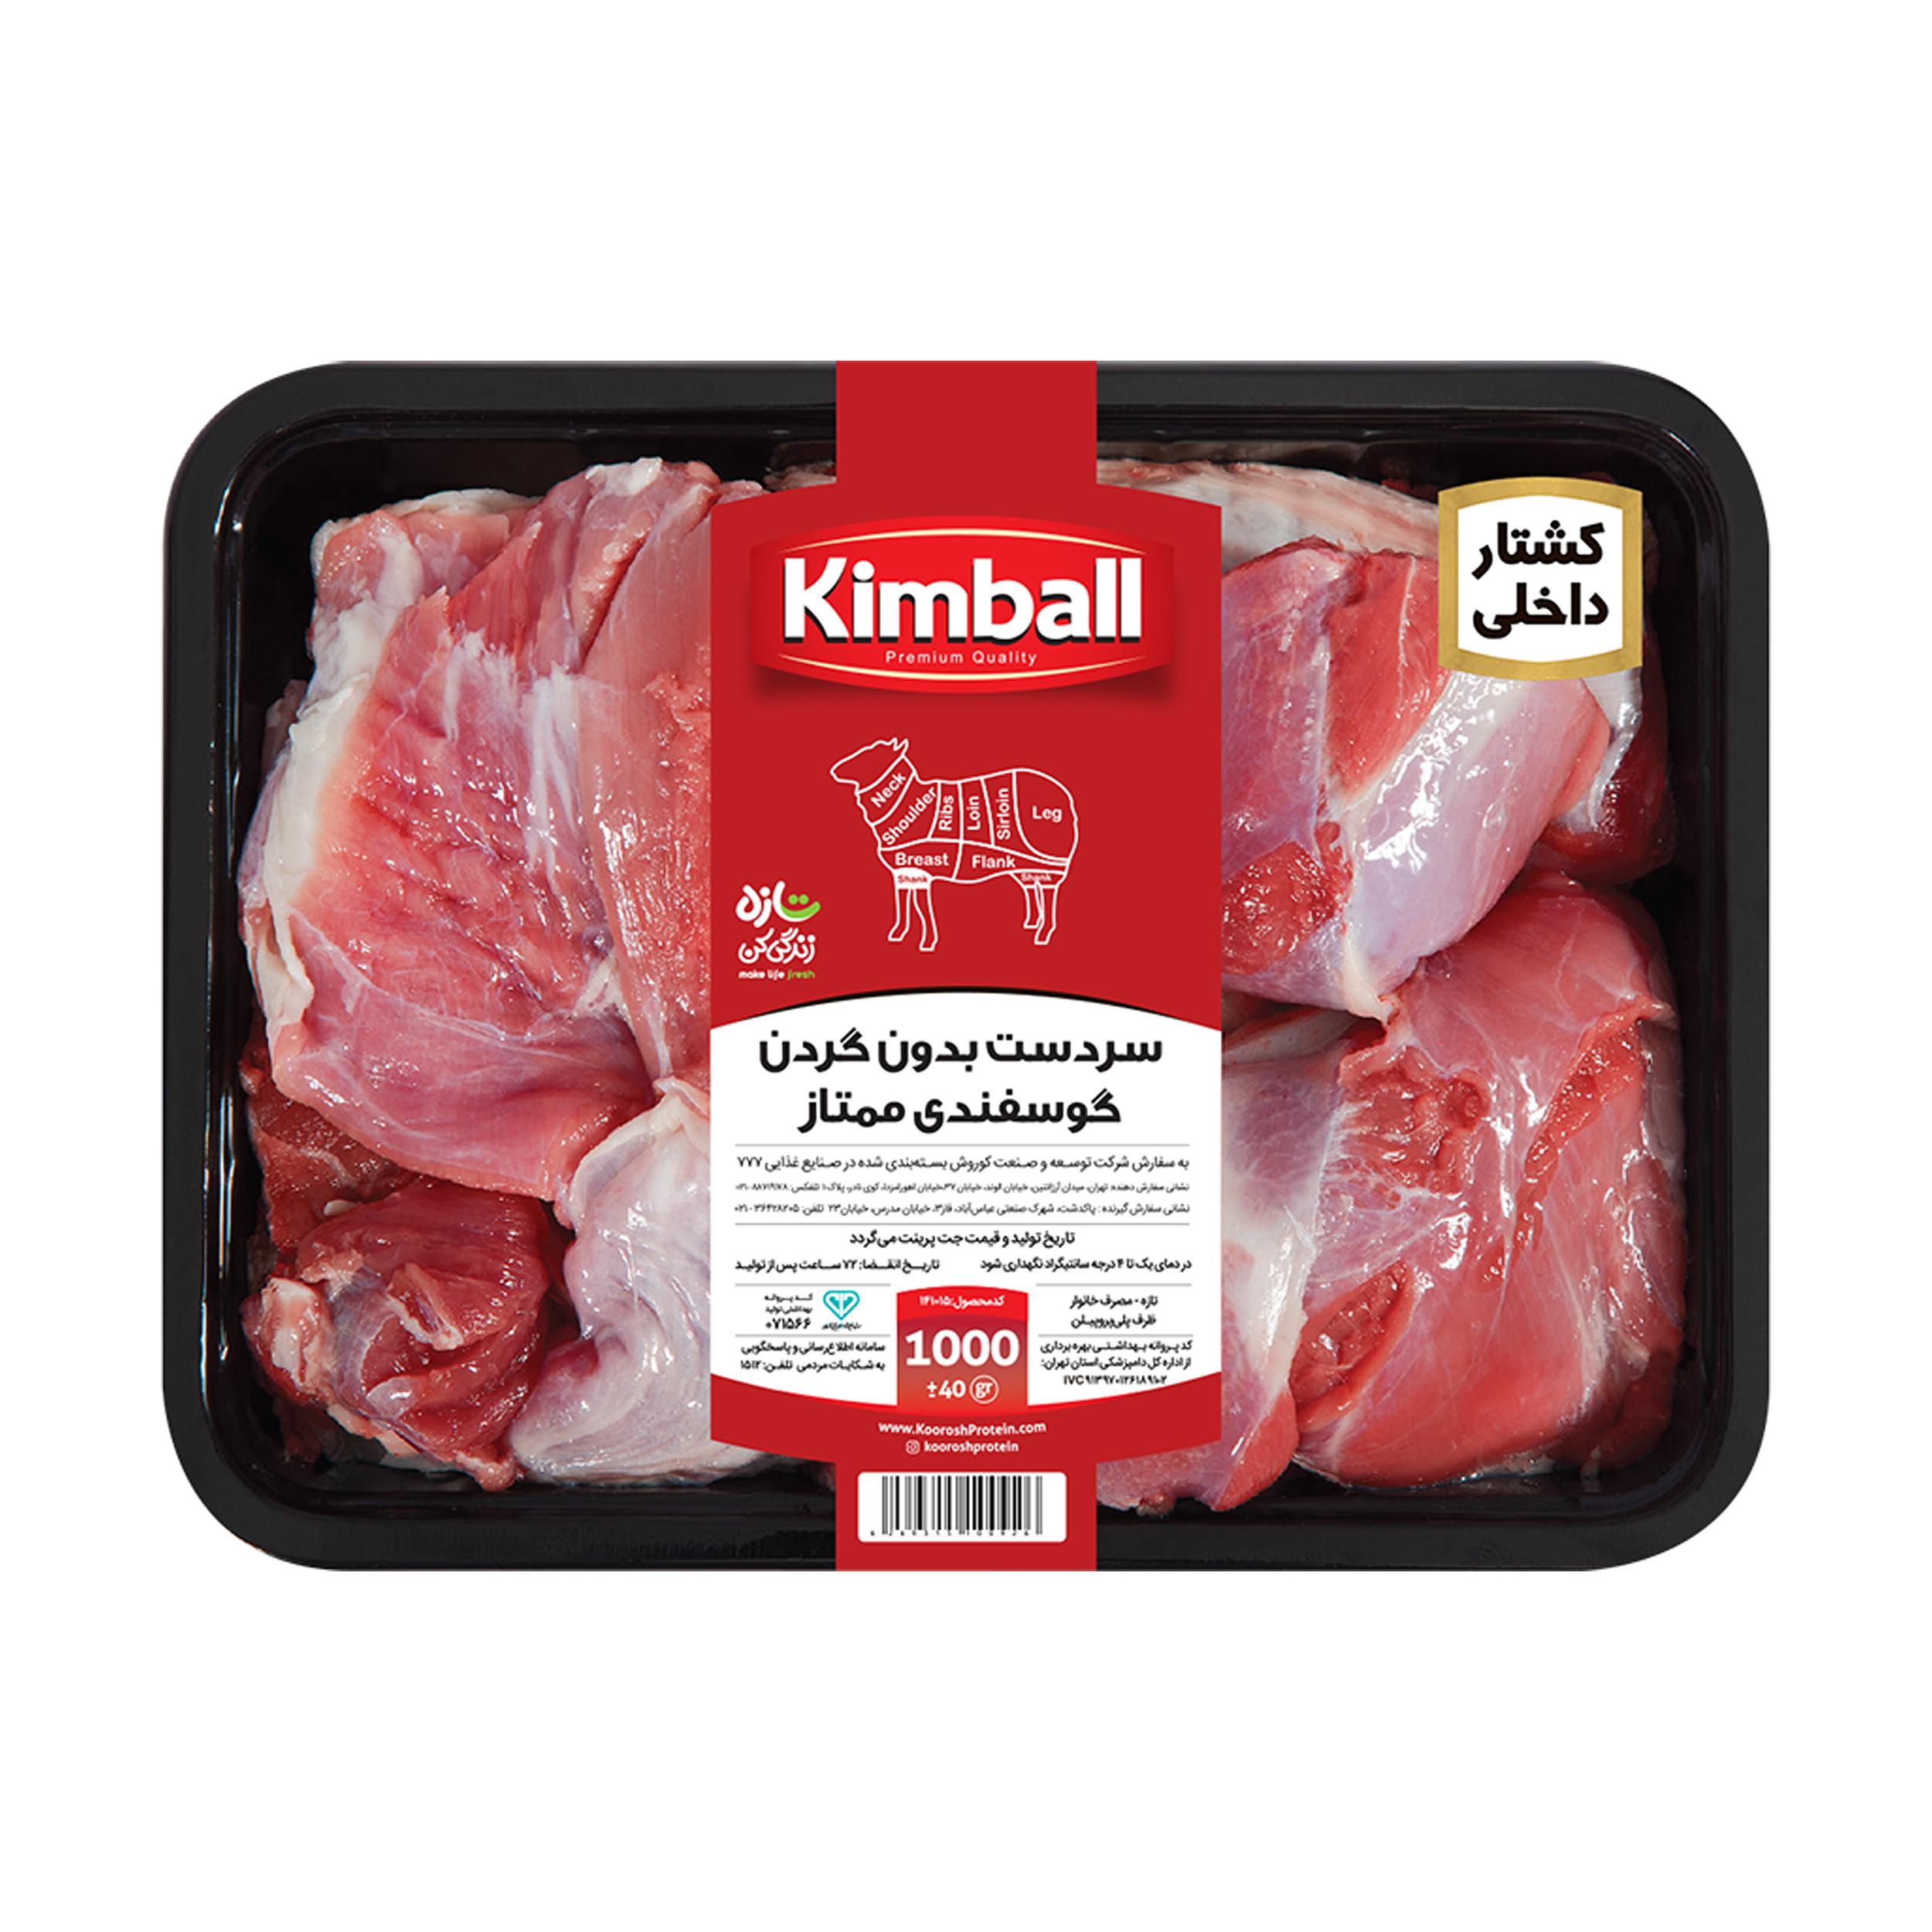 سر دست بدون گردن گوسفندی ممتاز کیمبال مقدار 1 کیلو گرم